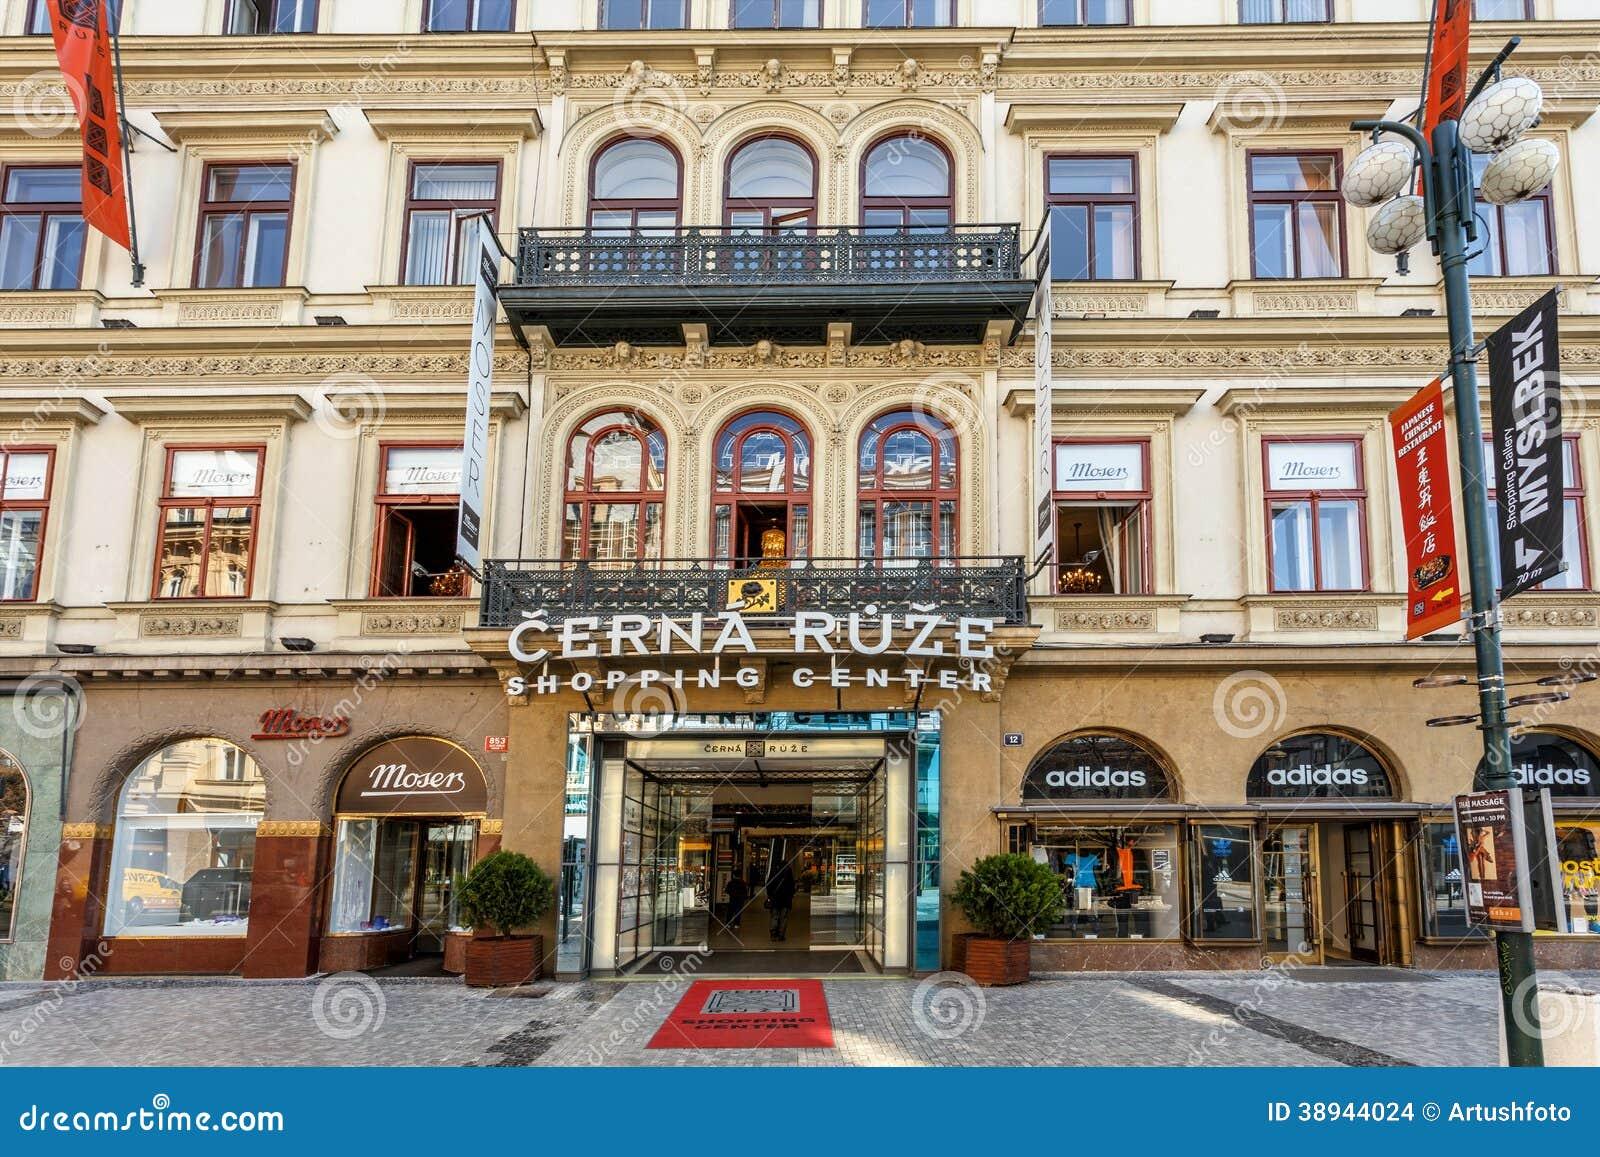 Prague shopping center cerna ruze editorial stock image for Prague center